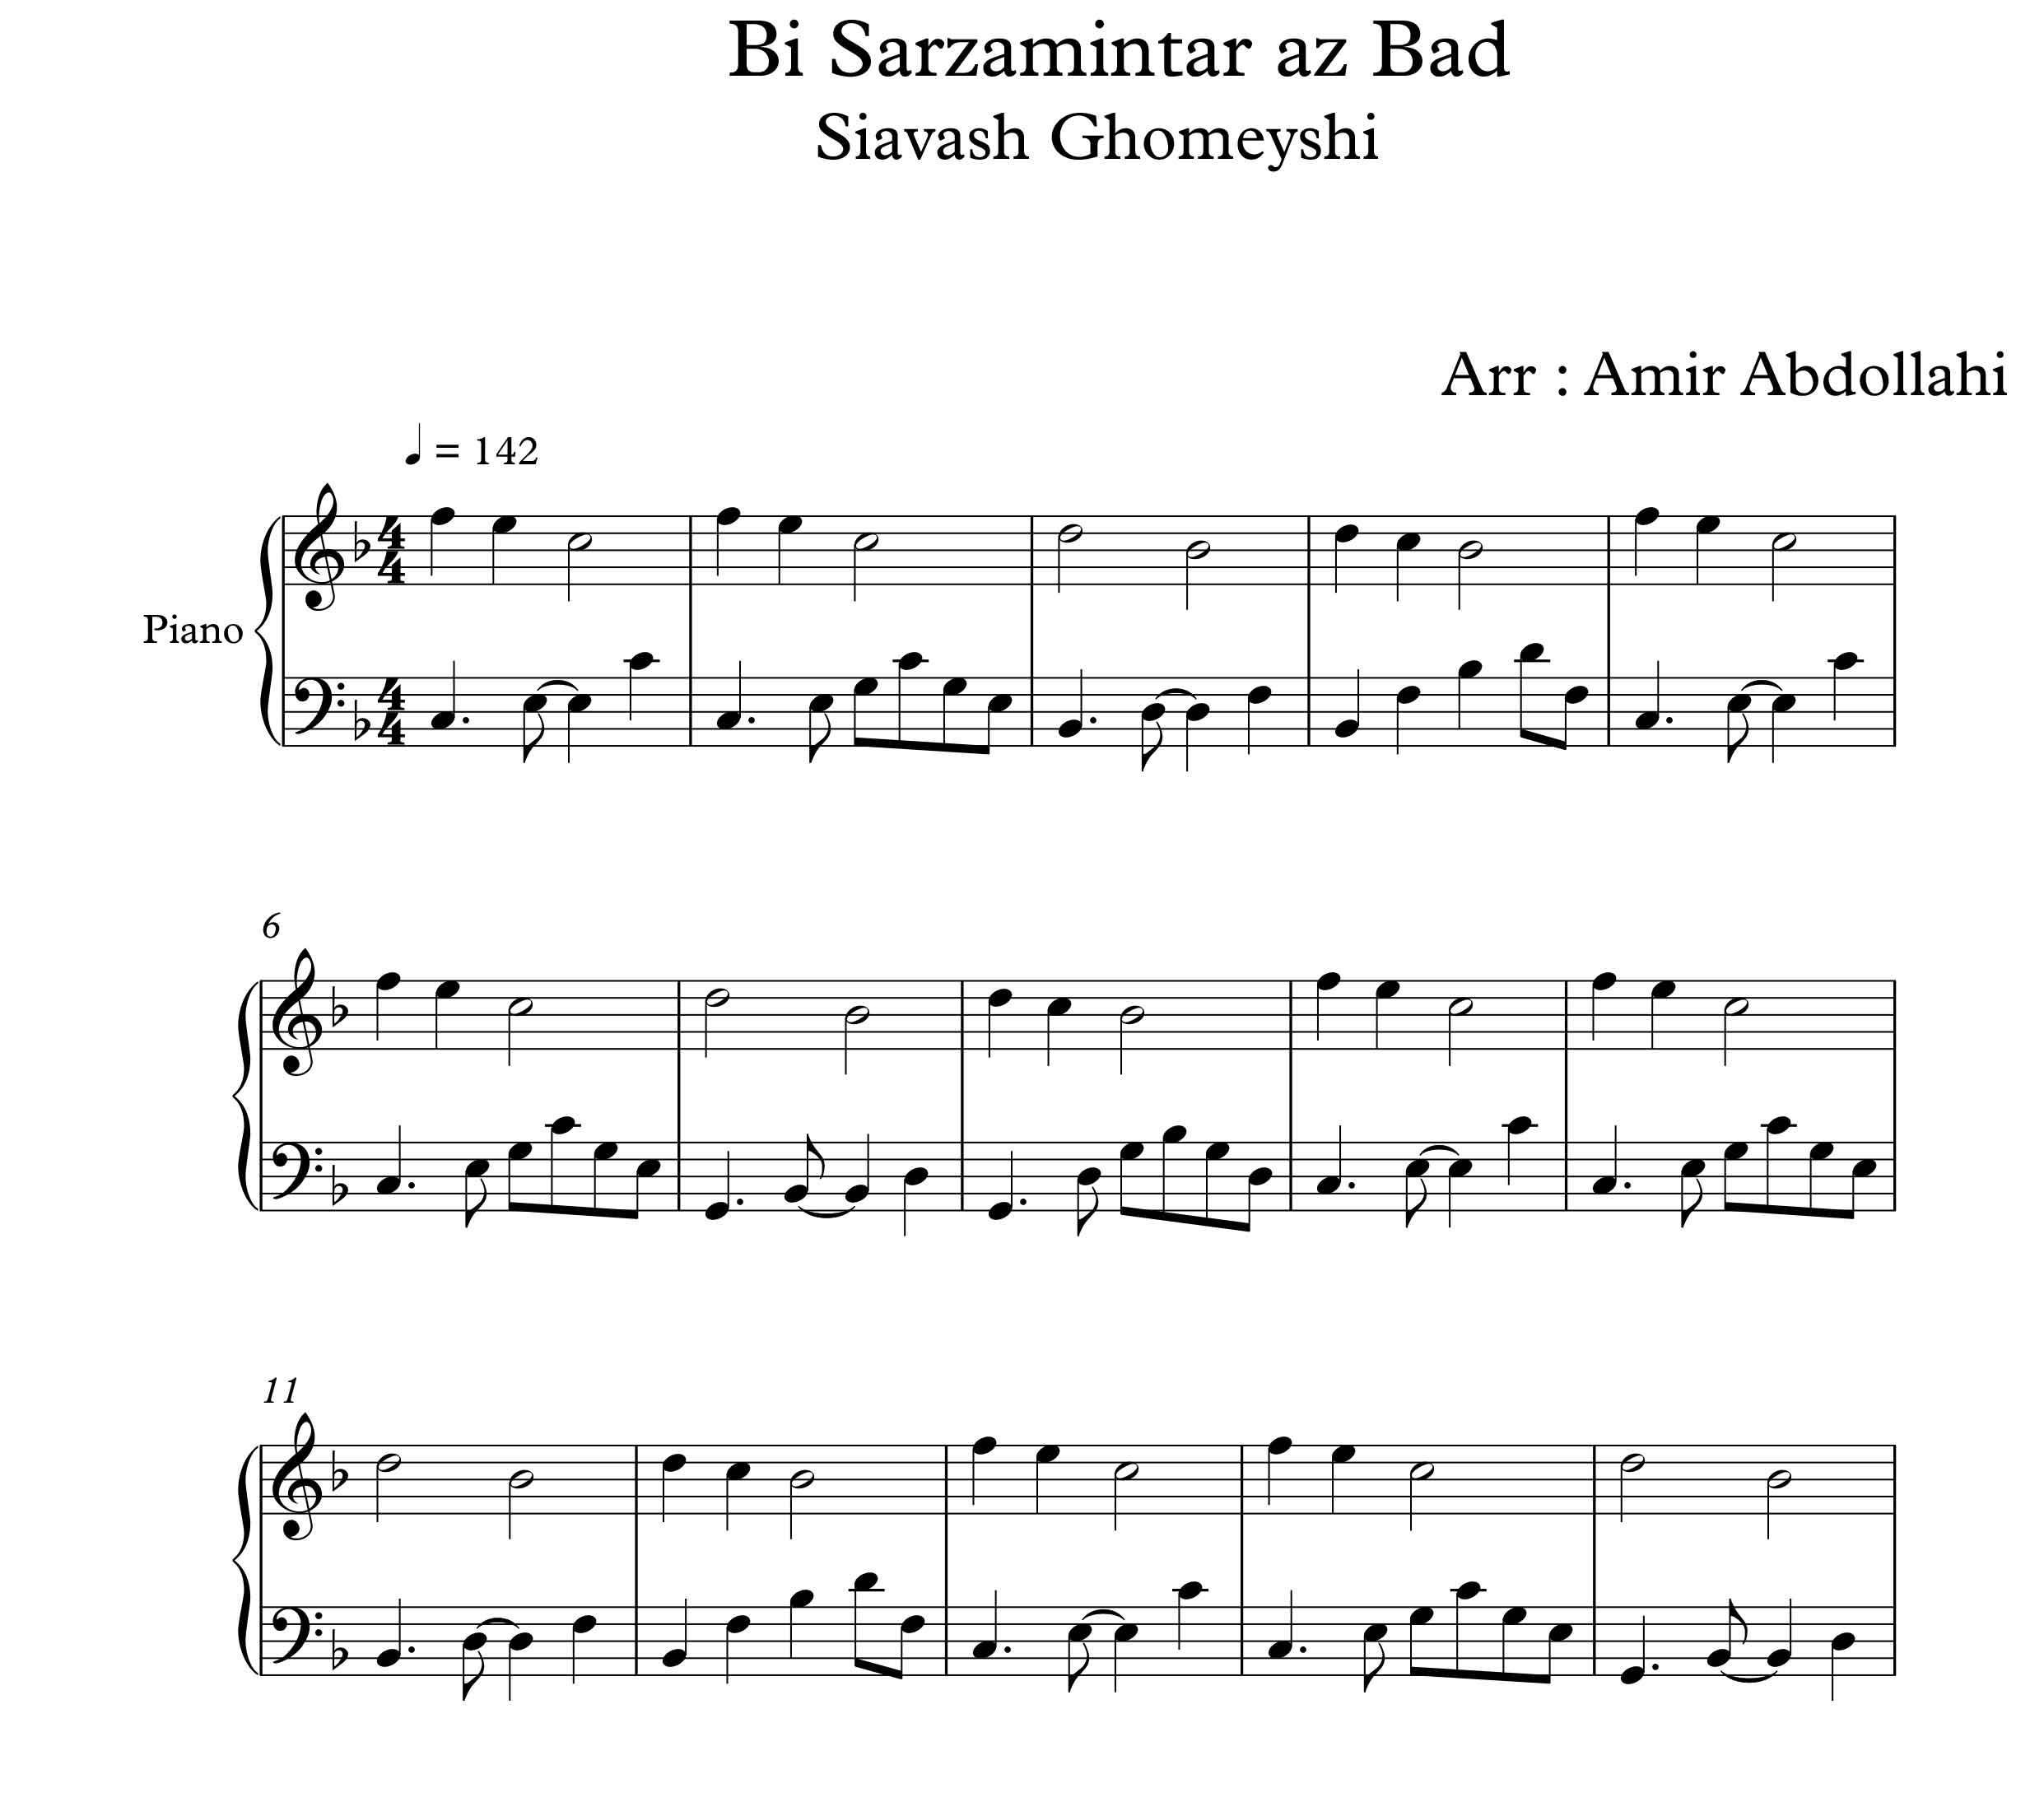 نت پیانو آهنگ بی سرزمین تر از باد سیاوش قمیشی